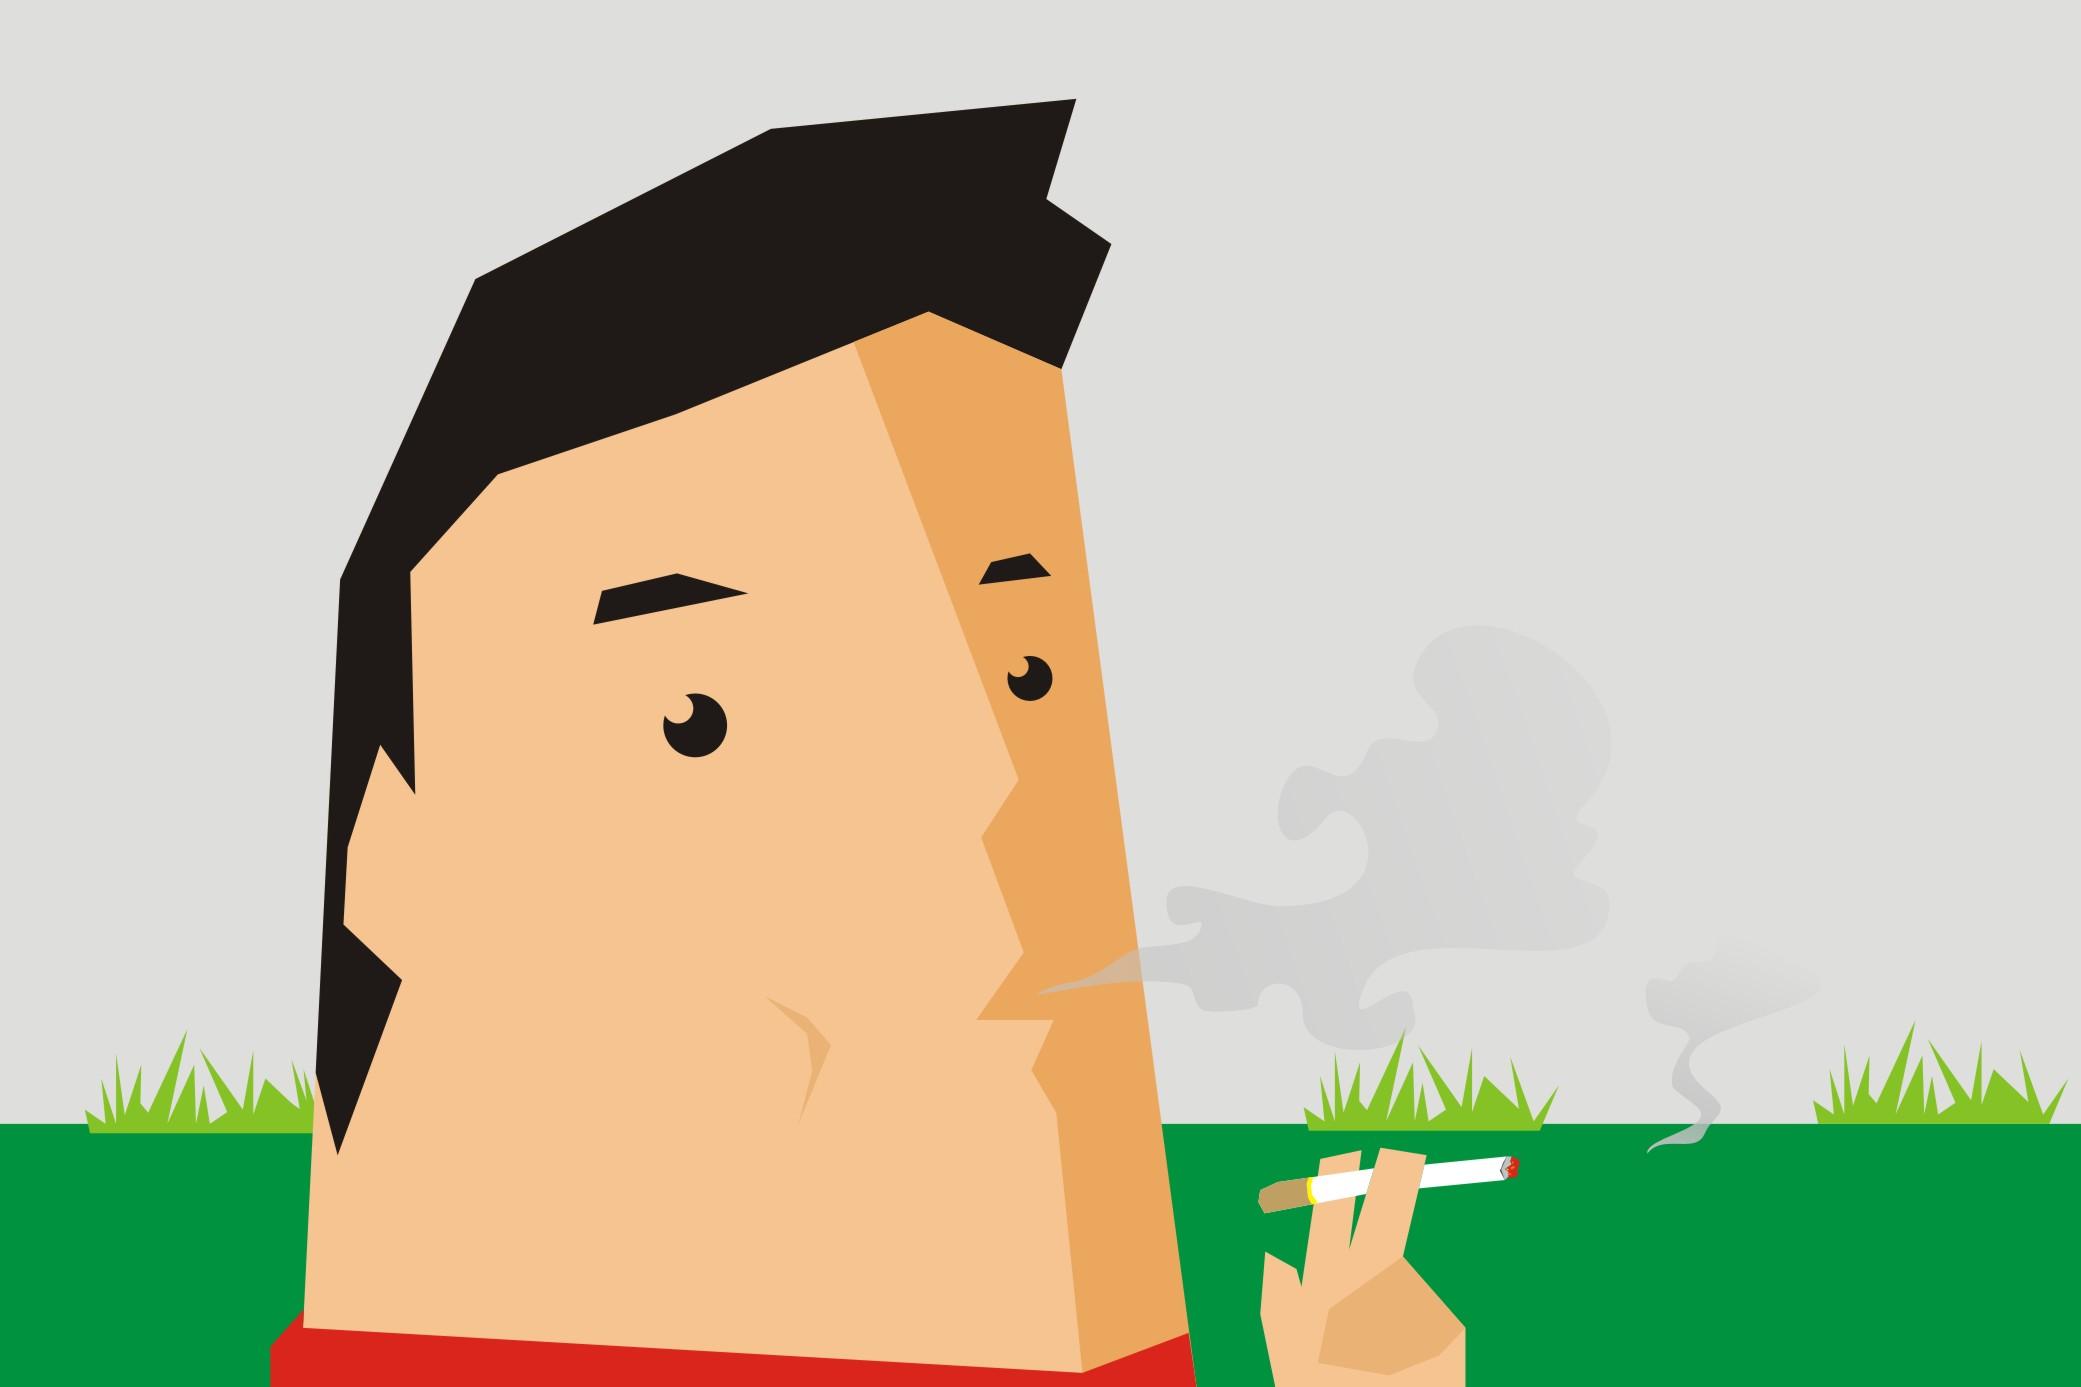 Merokok setelah makan tingkatkan risiko terkena kanker